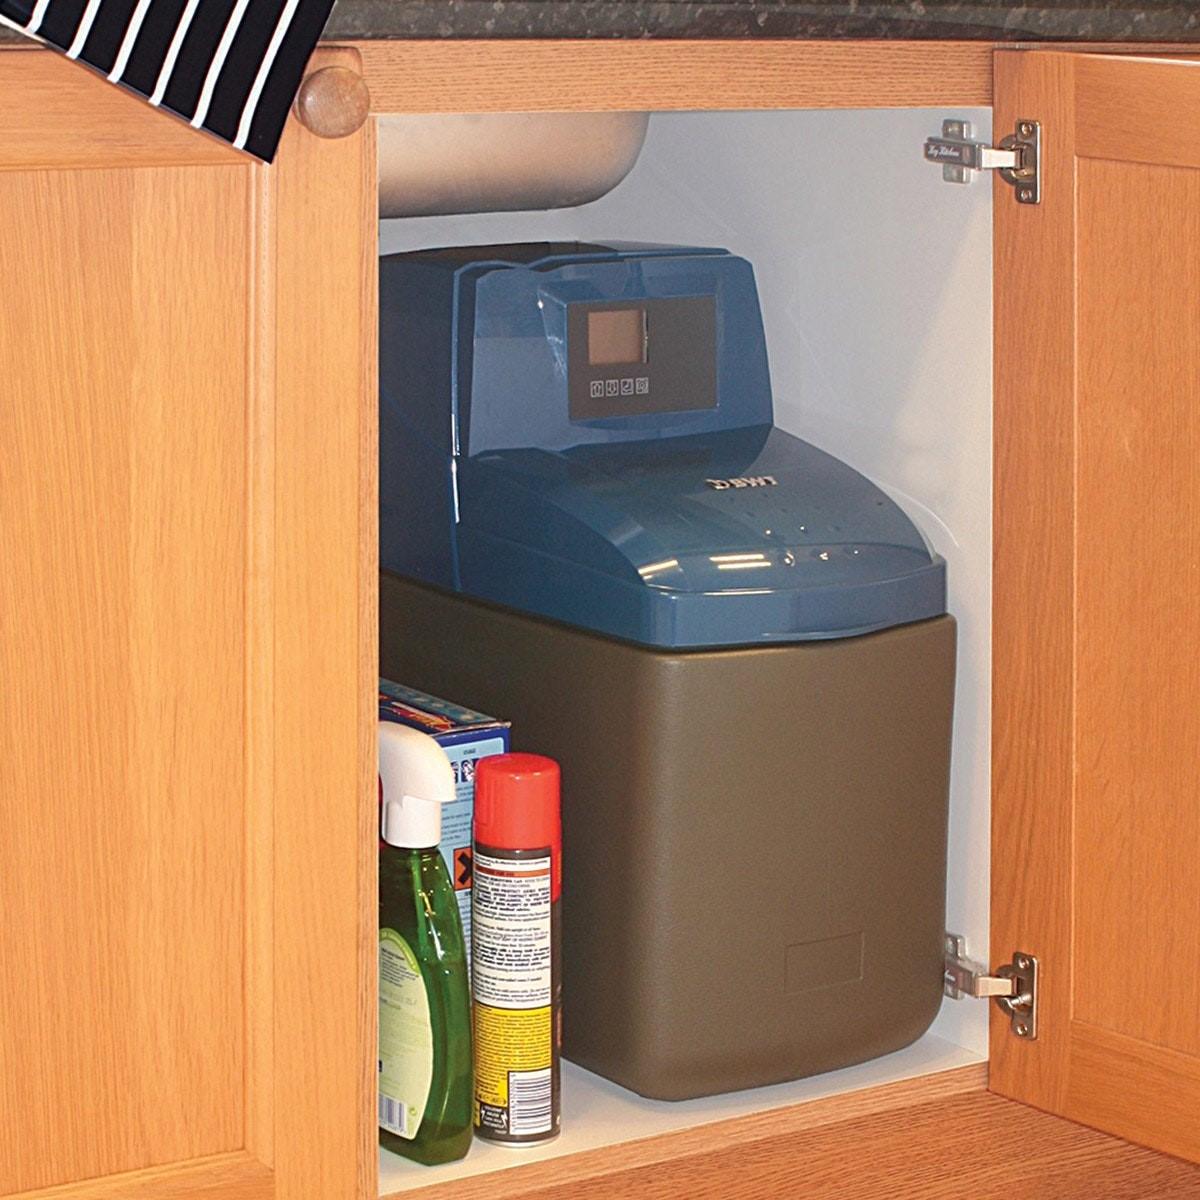 Bwt Ws355 Ws Series Luxury Water Softener Installation